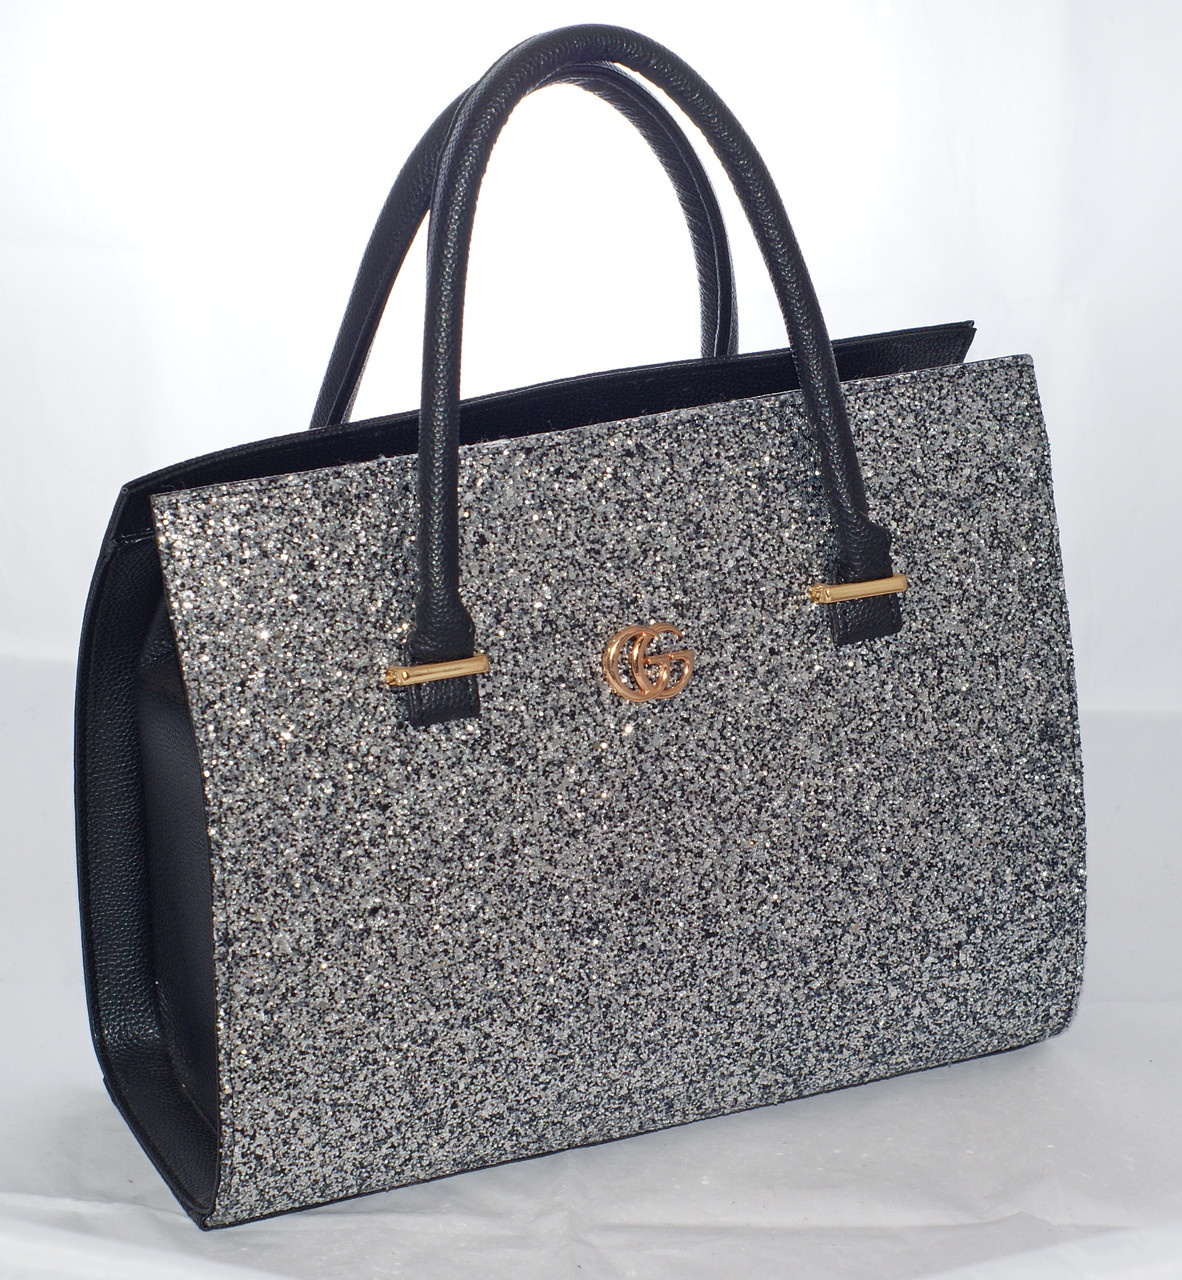 Каркасная женская сумка Gucci (Гуччи), черная с блестками (глиттером)